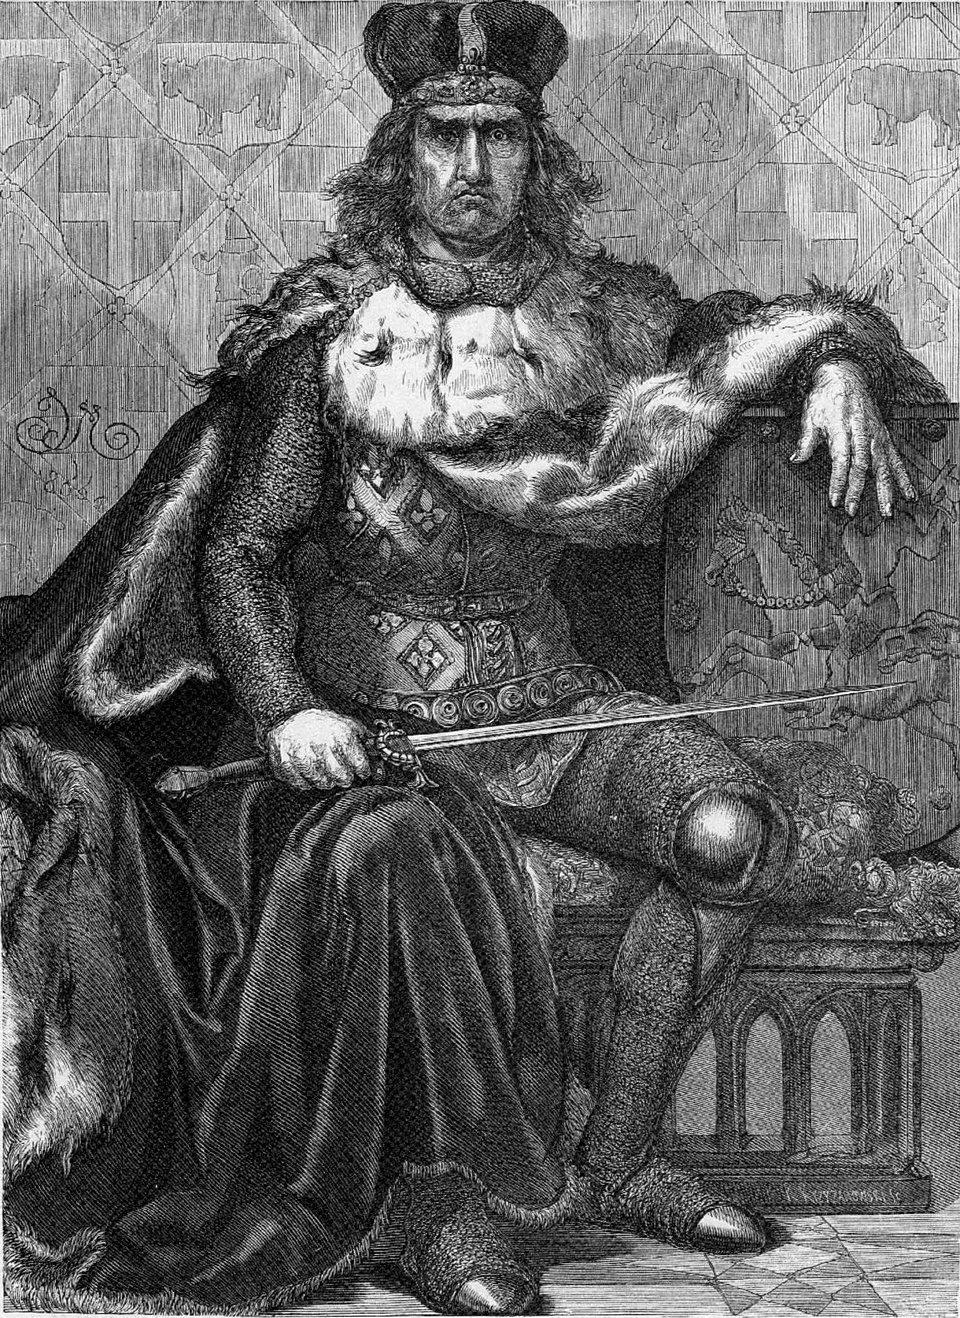 Witold Witold Źródło: Kazimierz Władysław Wójcicki, domena publiczna.